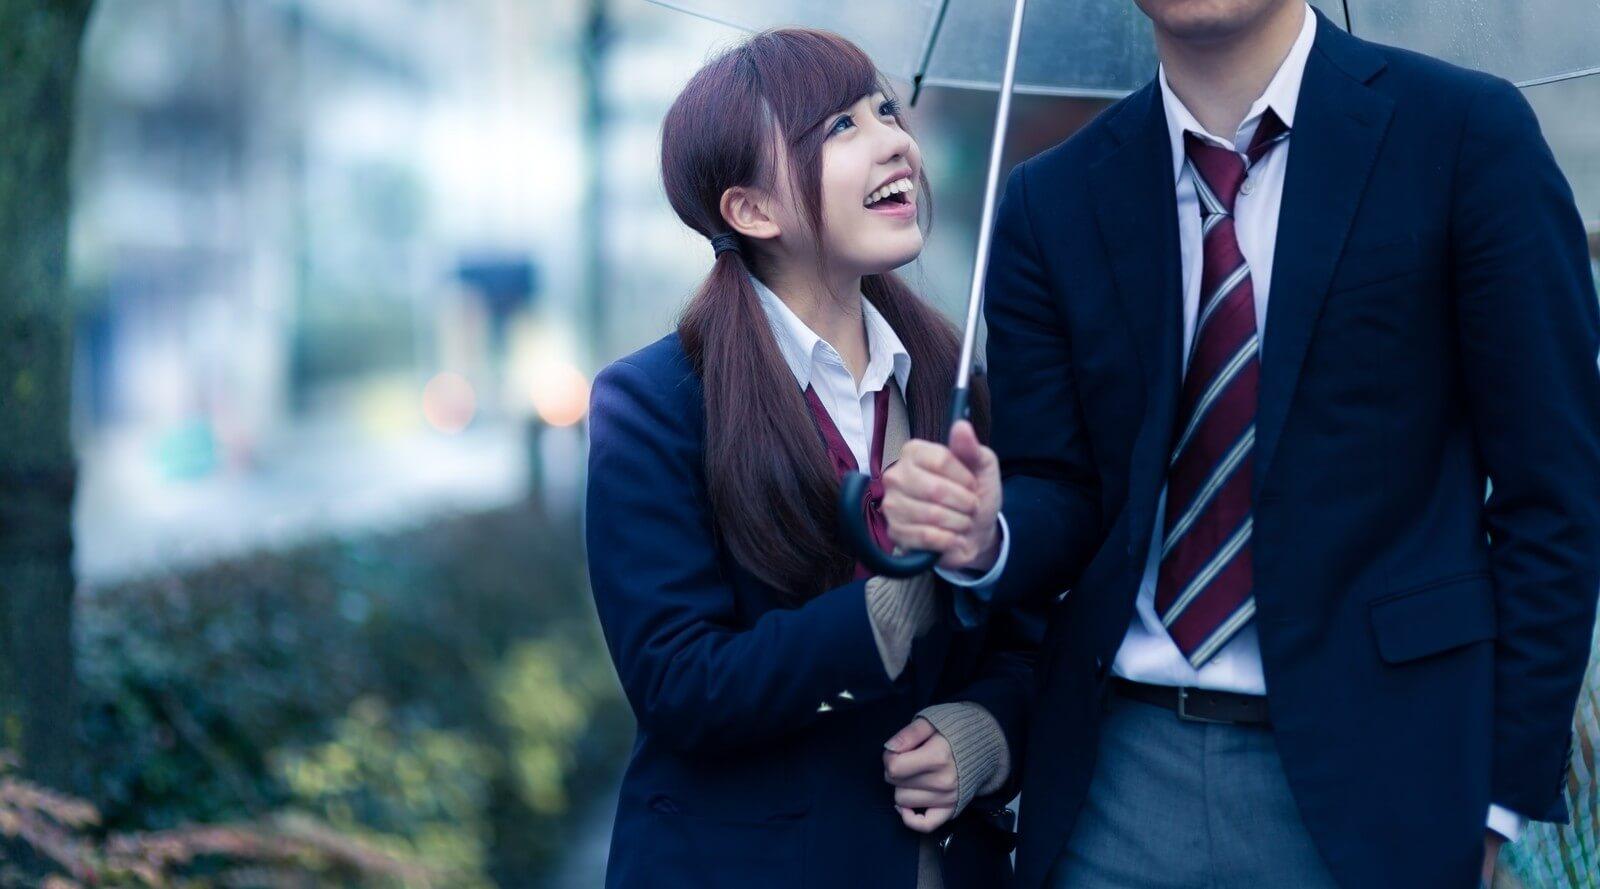 相合傘をする男性心理は?相合傘で好きな人をドキドキさせる方法